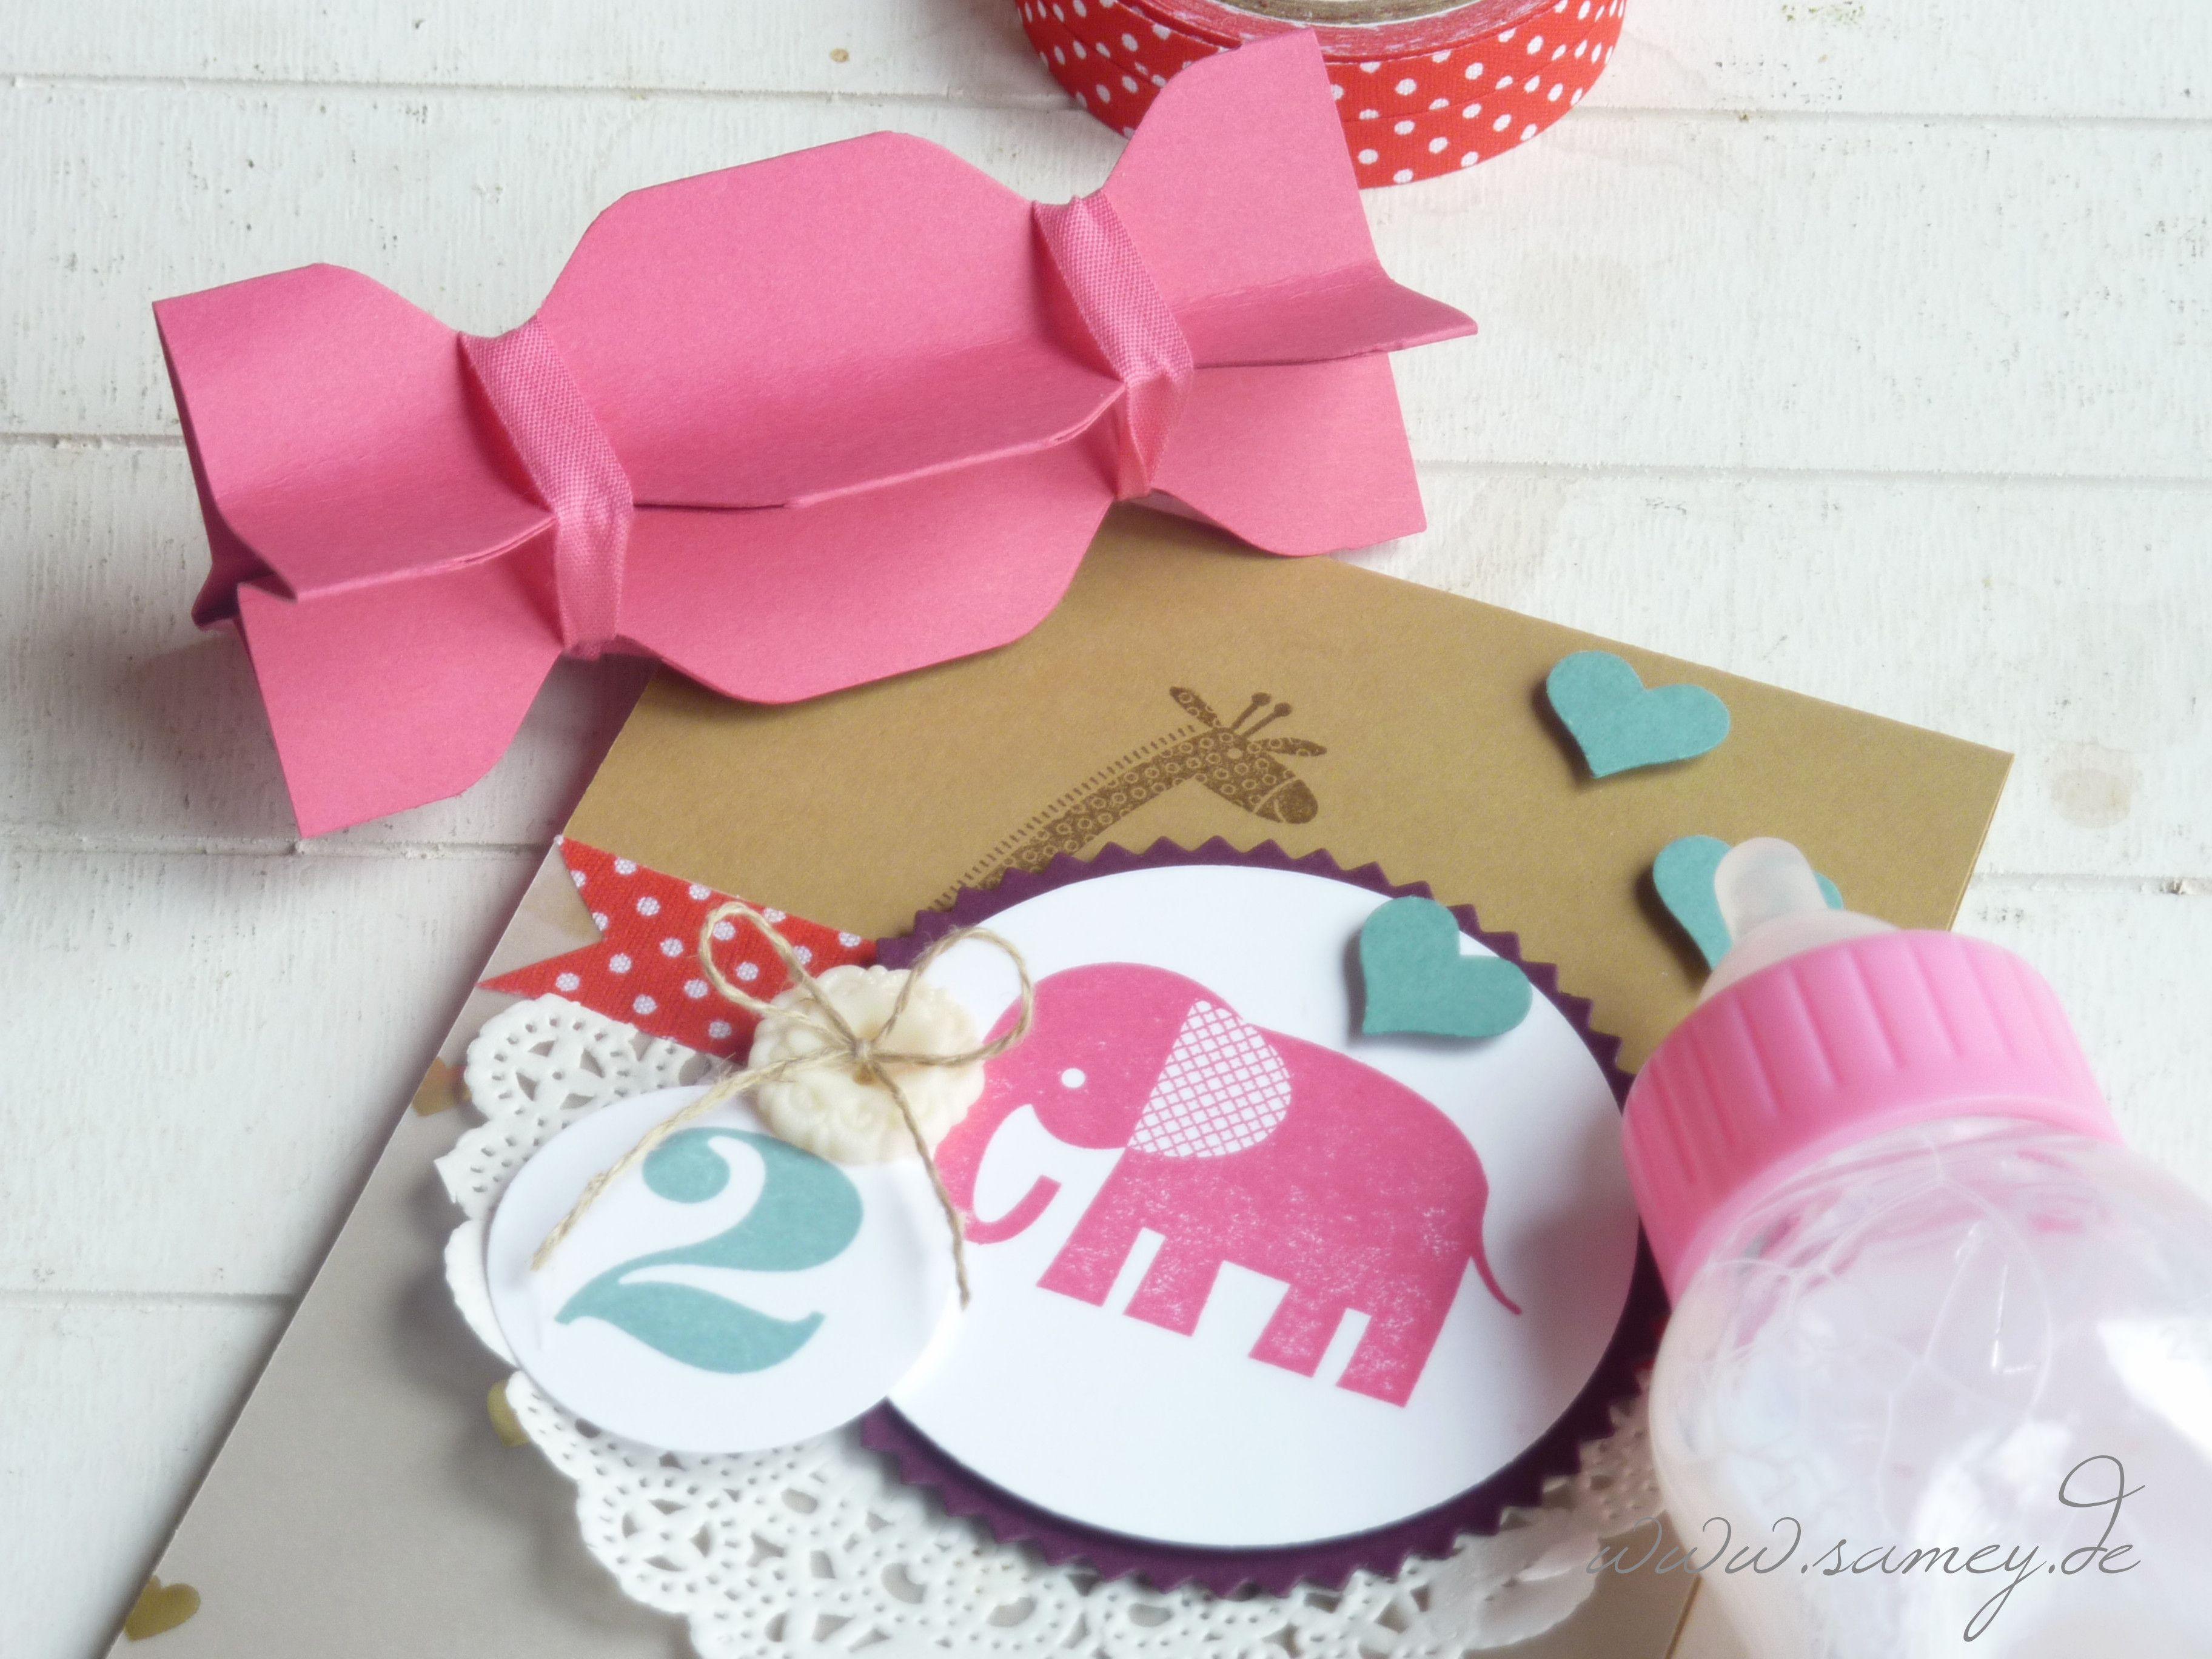 Einladung Zum 2 Geburtstag, Kindergeburtstag, Einladungskarte,  Geburtstagskarte, Stampin UP!, Sandra